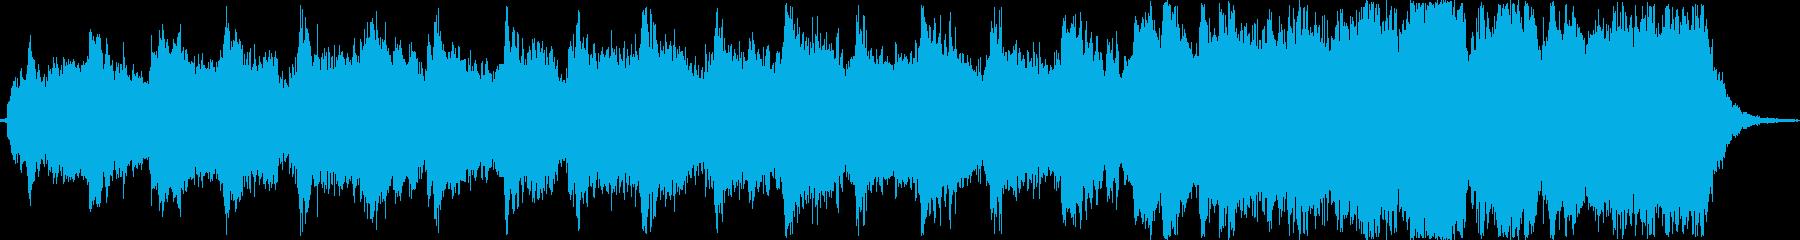 アジア風のシンセの幻想的な約1分の曲ですの再生済みの波形